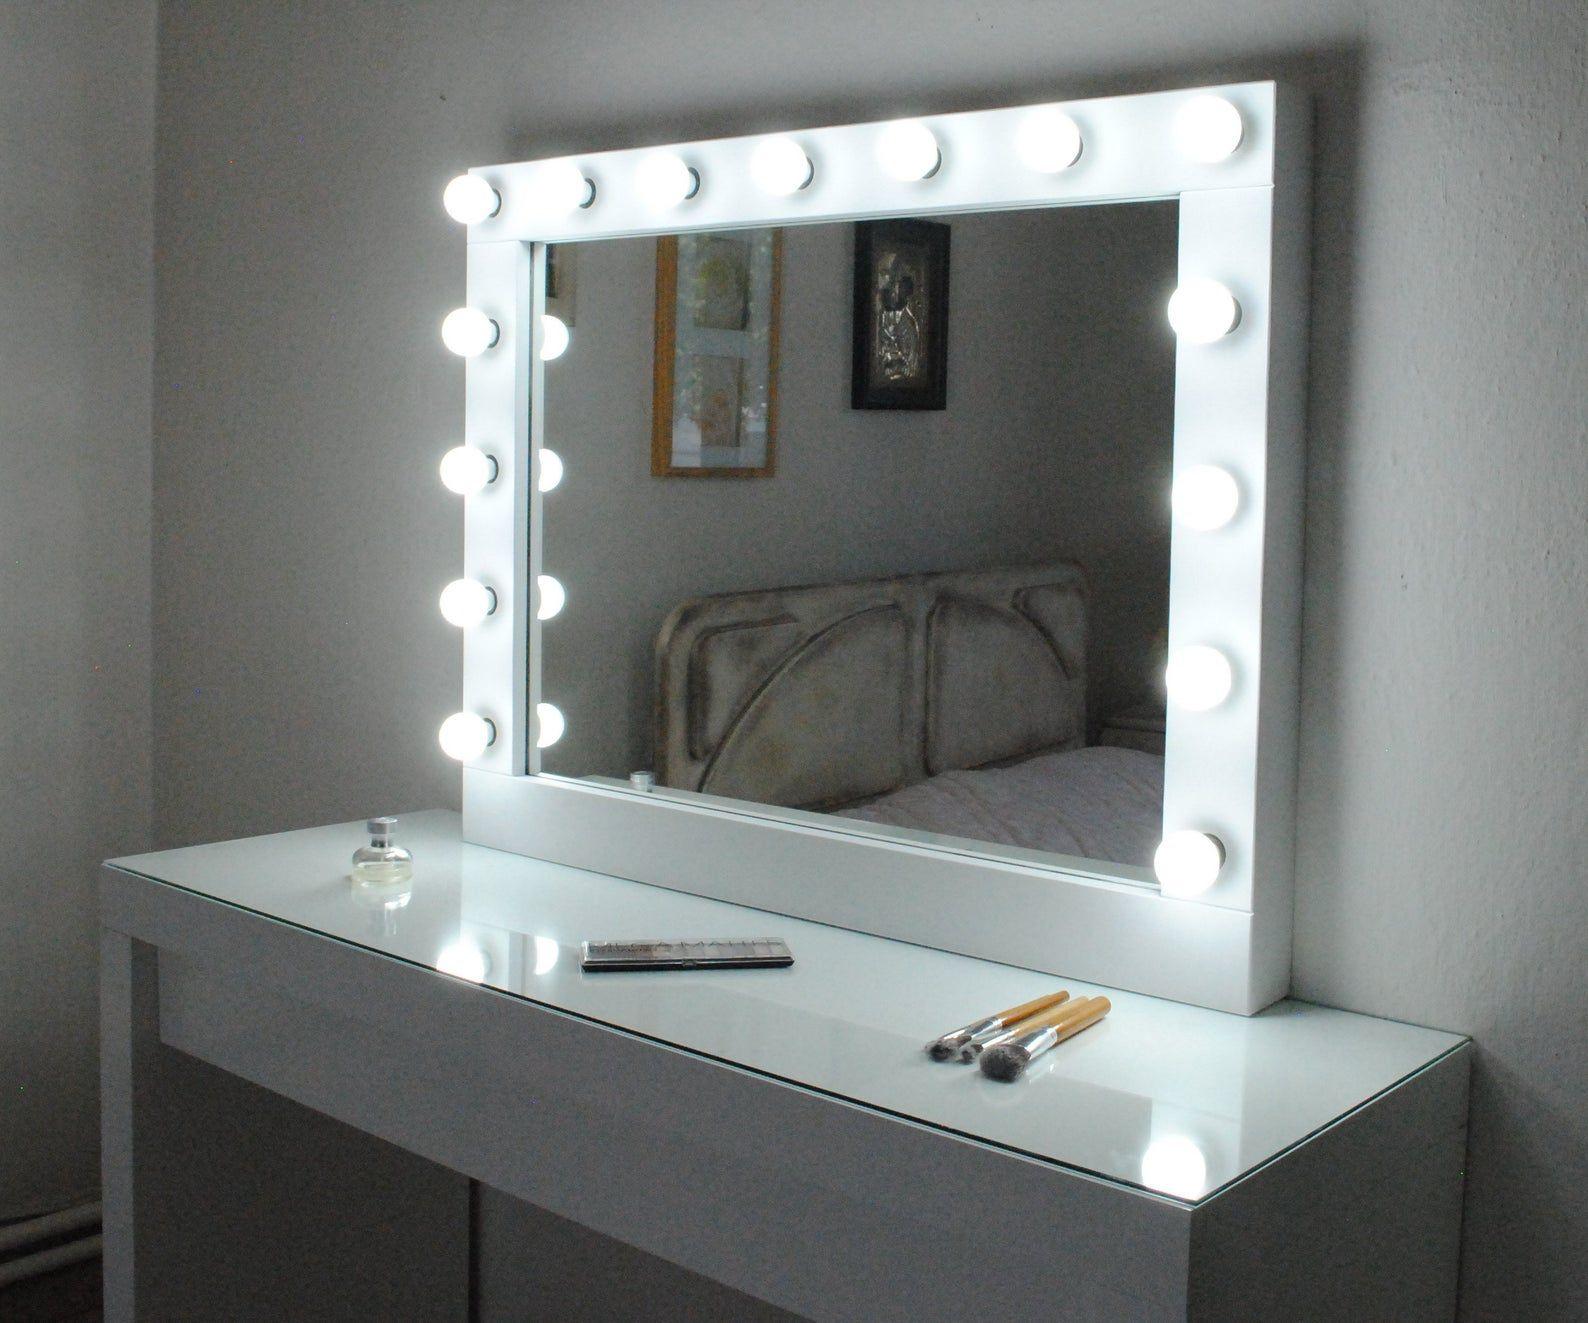 image 0 Hollywood vanity mirror, Lighted vanity mirror